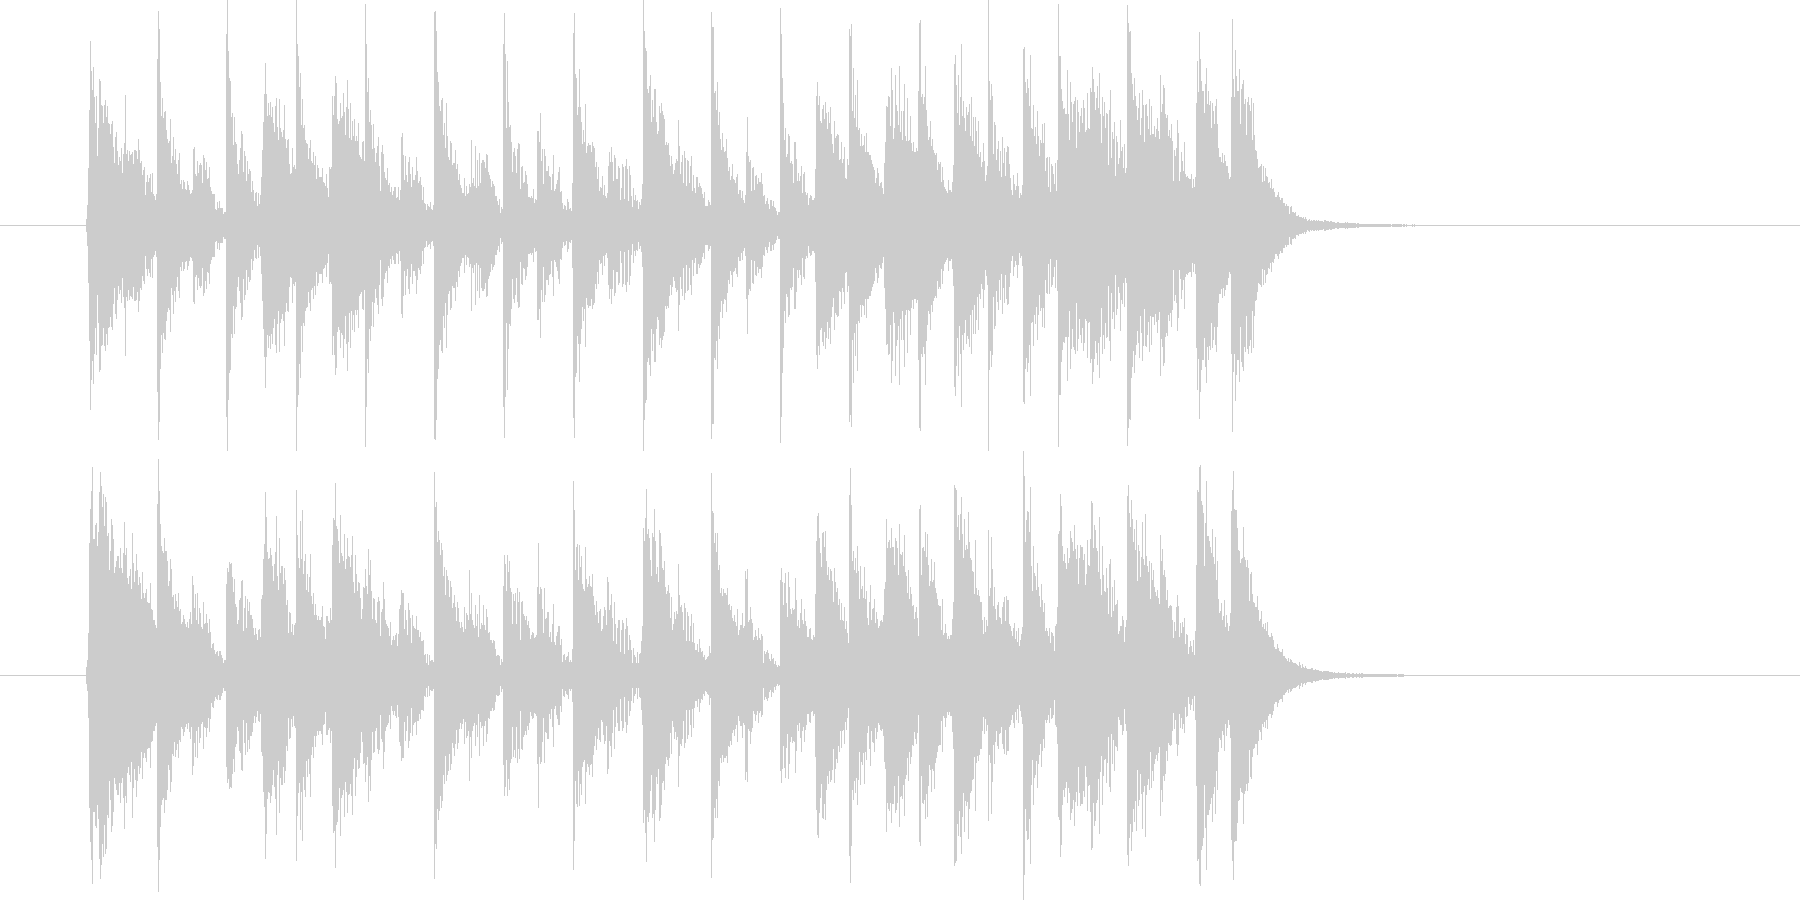 ムーディでメロディアスなシンセジングルの未再生の波形